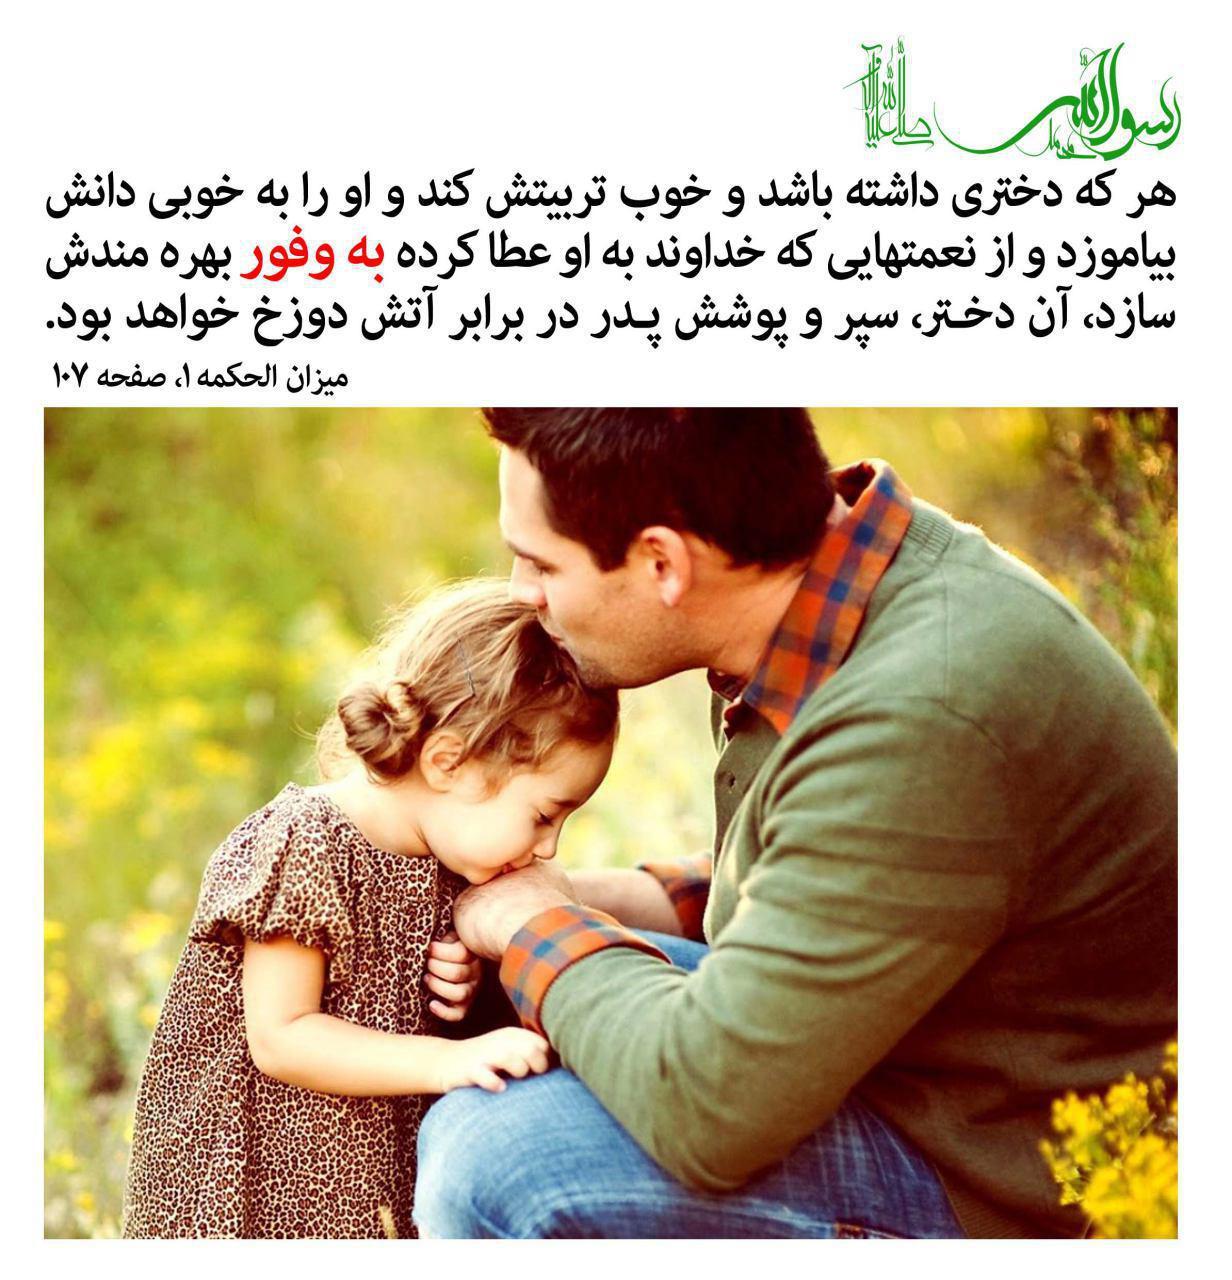 پیامبر(ص):«کسی که پای مادرش را ببوسد؛ مثل این است که آستانه خانه خدا را بوسیده است» (گنجینه جواهر)